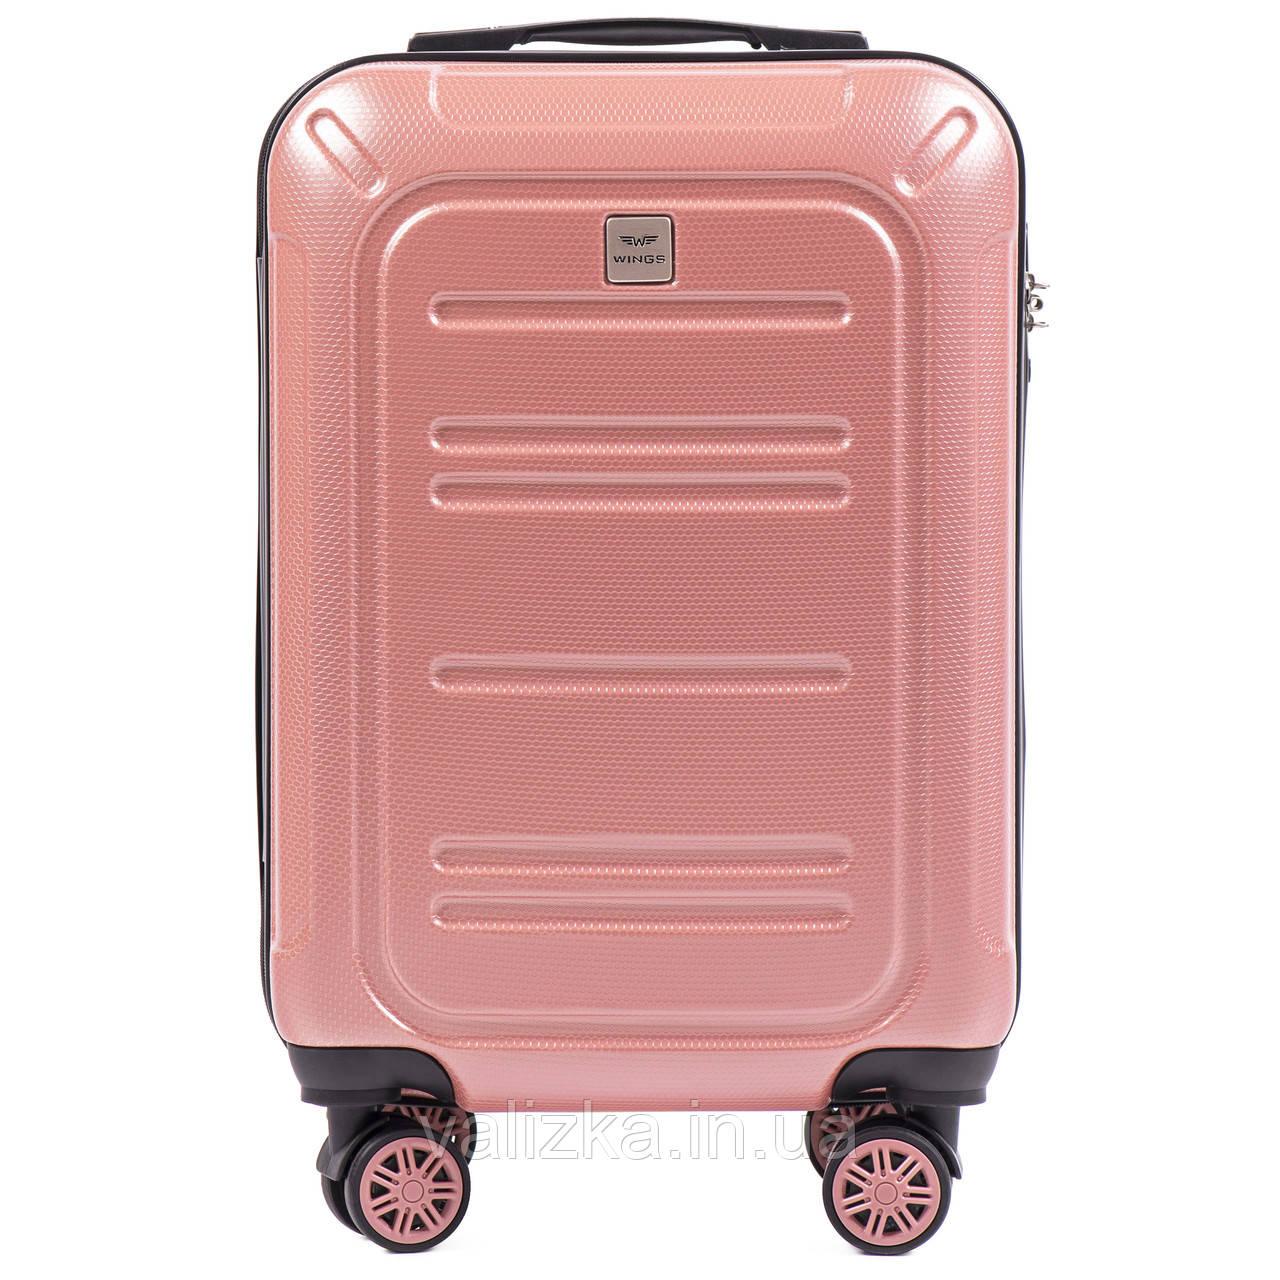 Малый чемодан из поликарбоната премиум серии для ручной клади розовый Wings 175